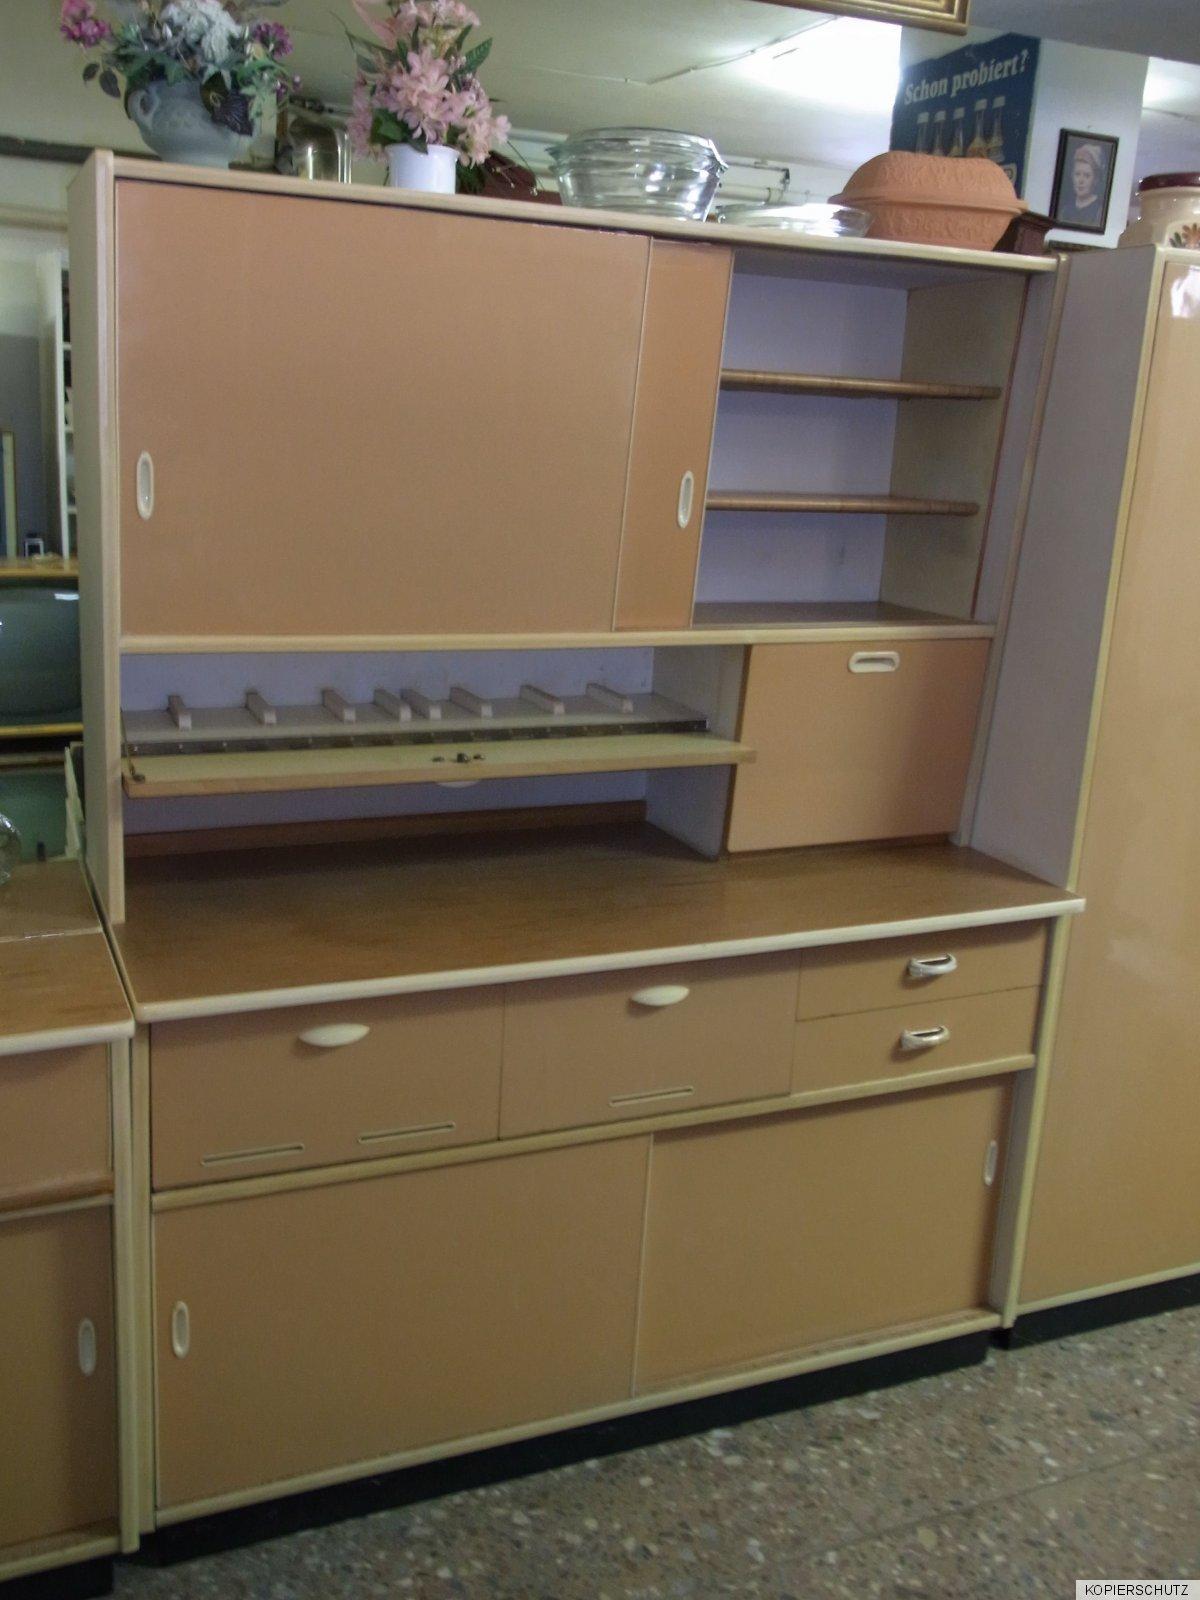 50er jahre k che pastellfarben b ffet wachtisch. Black Bedroom Furniture Sets. Home Design Ideas